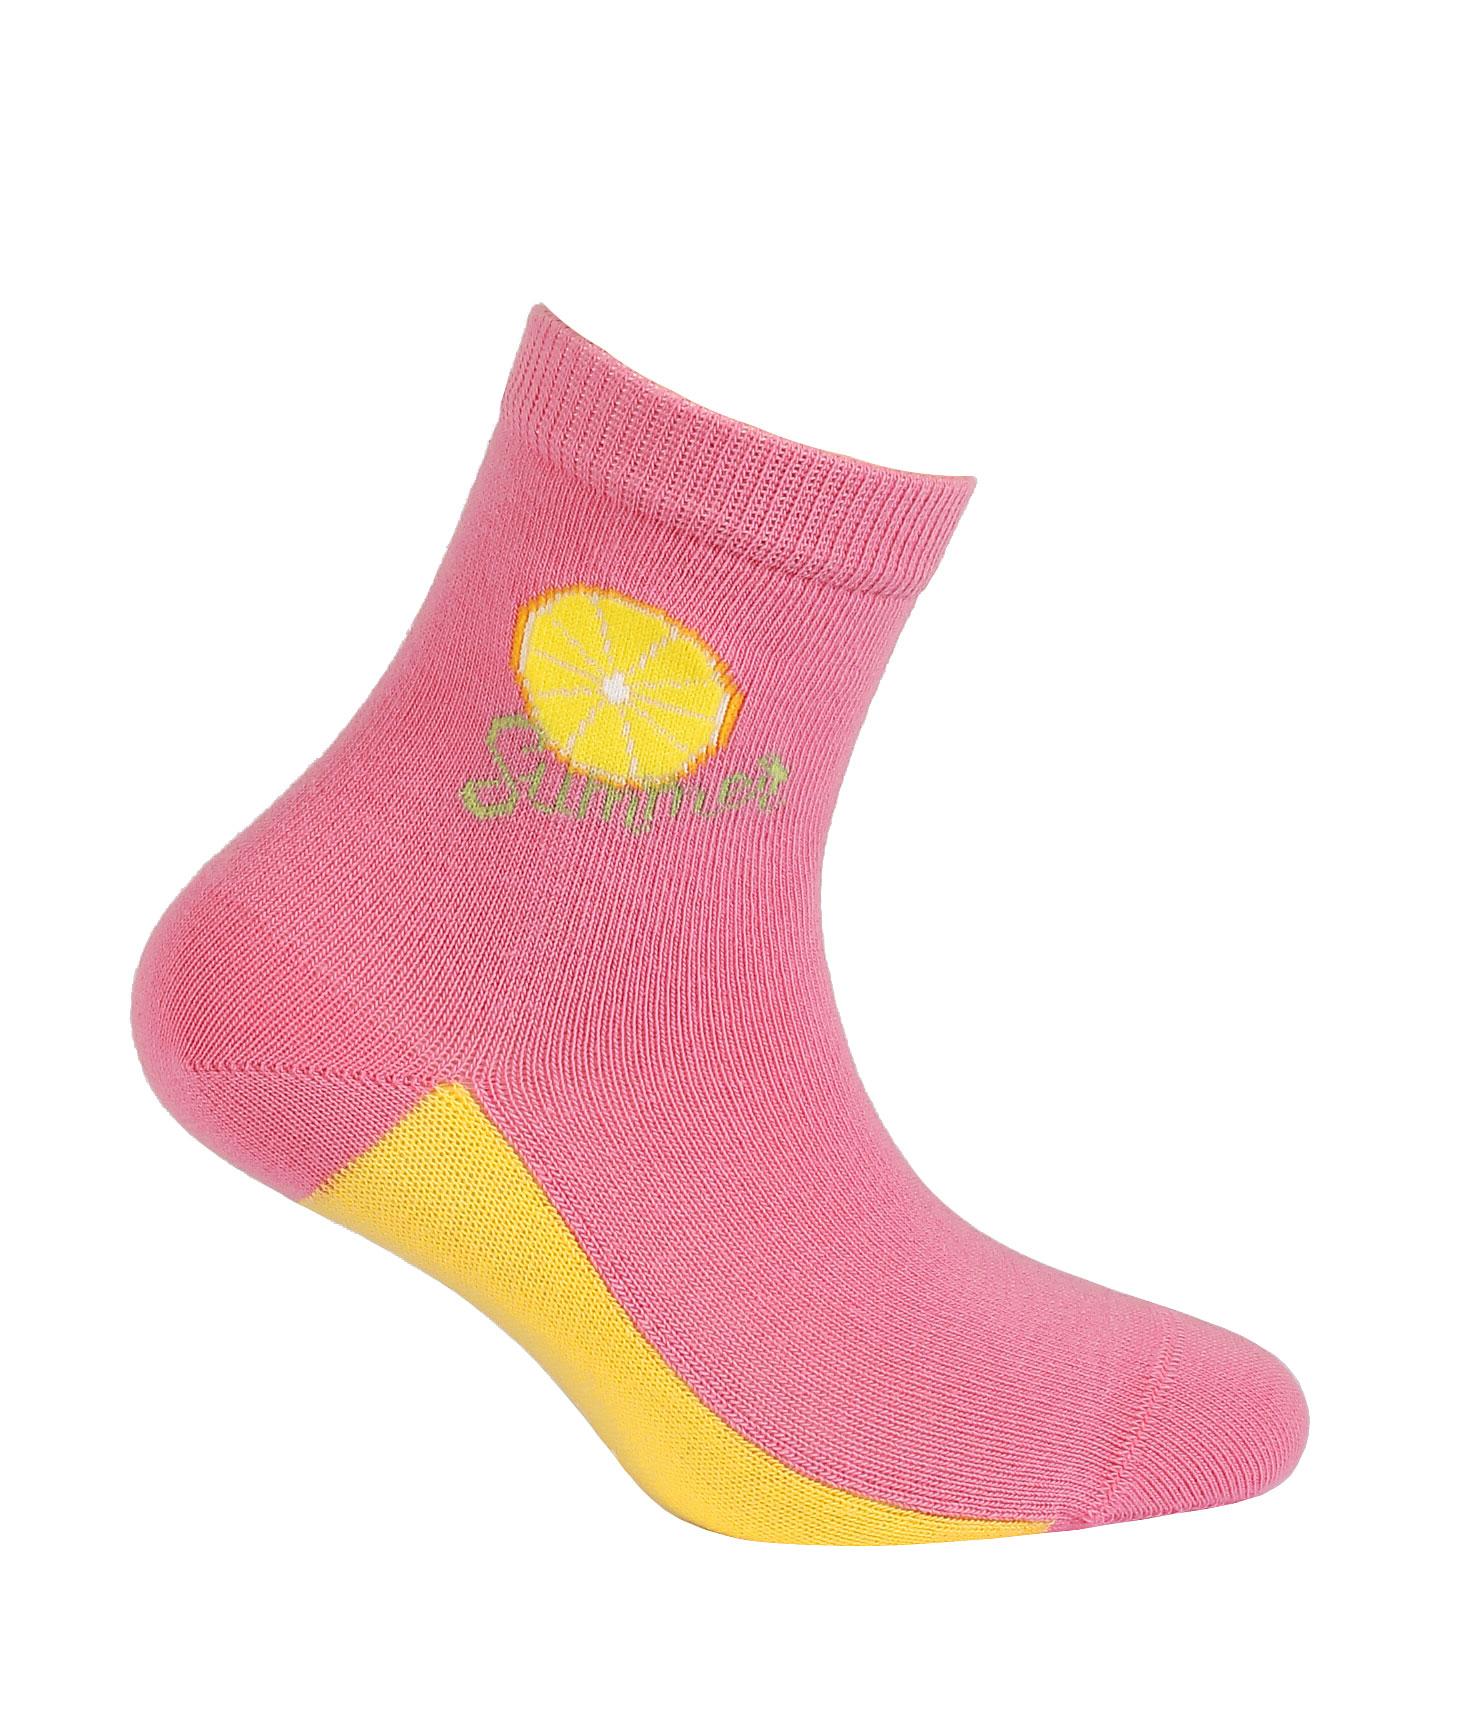 dětské ponožky vzor WOLA SUMMER LEMON 21-23